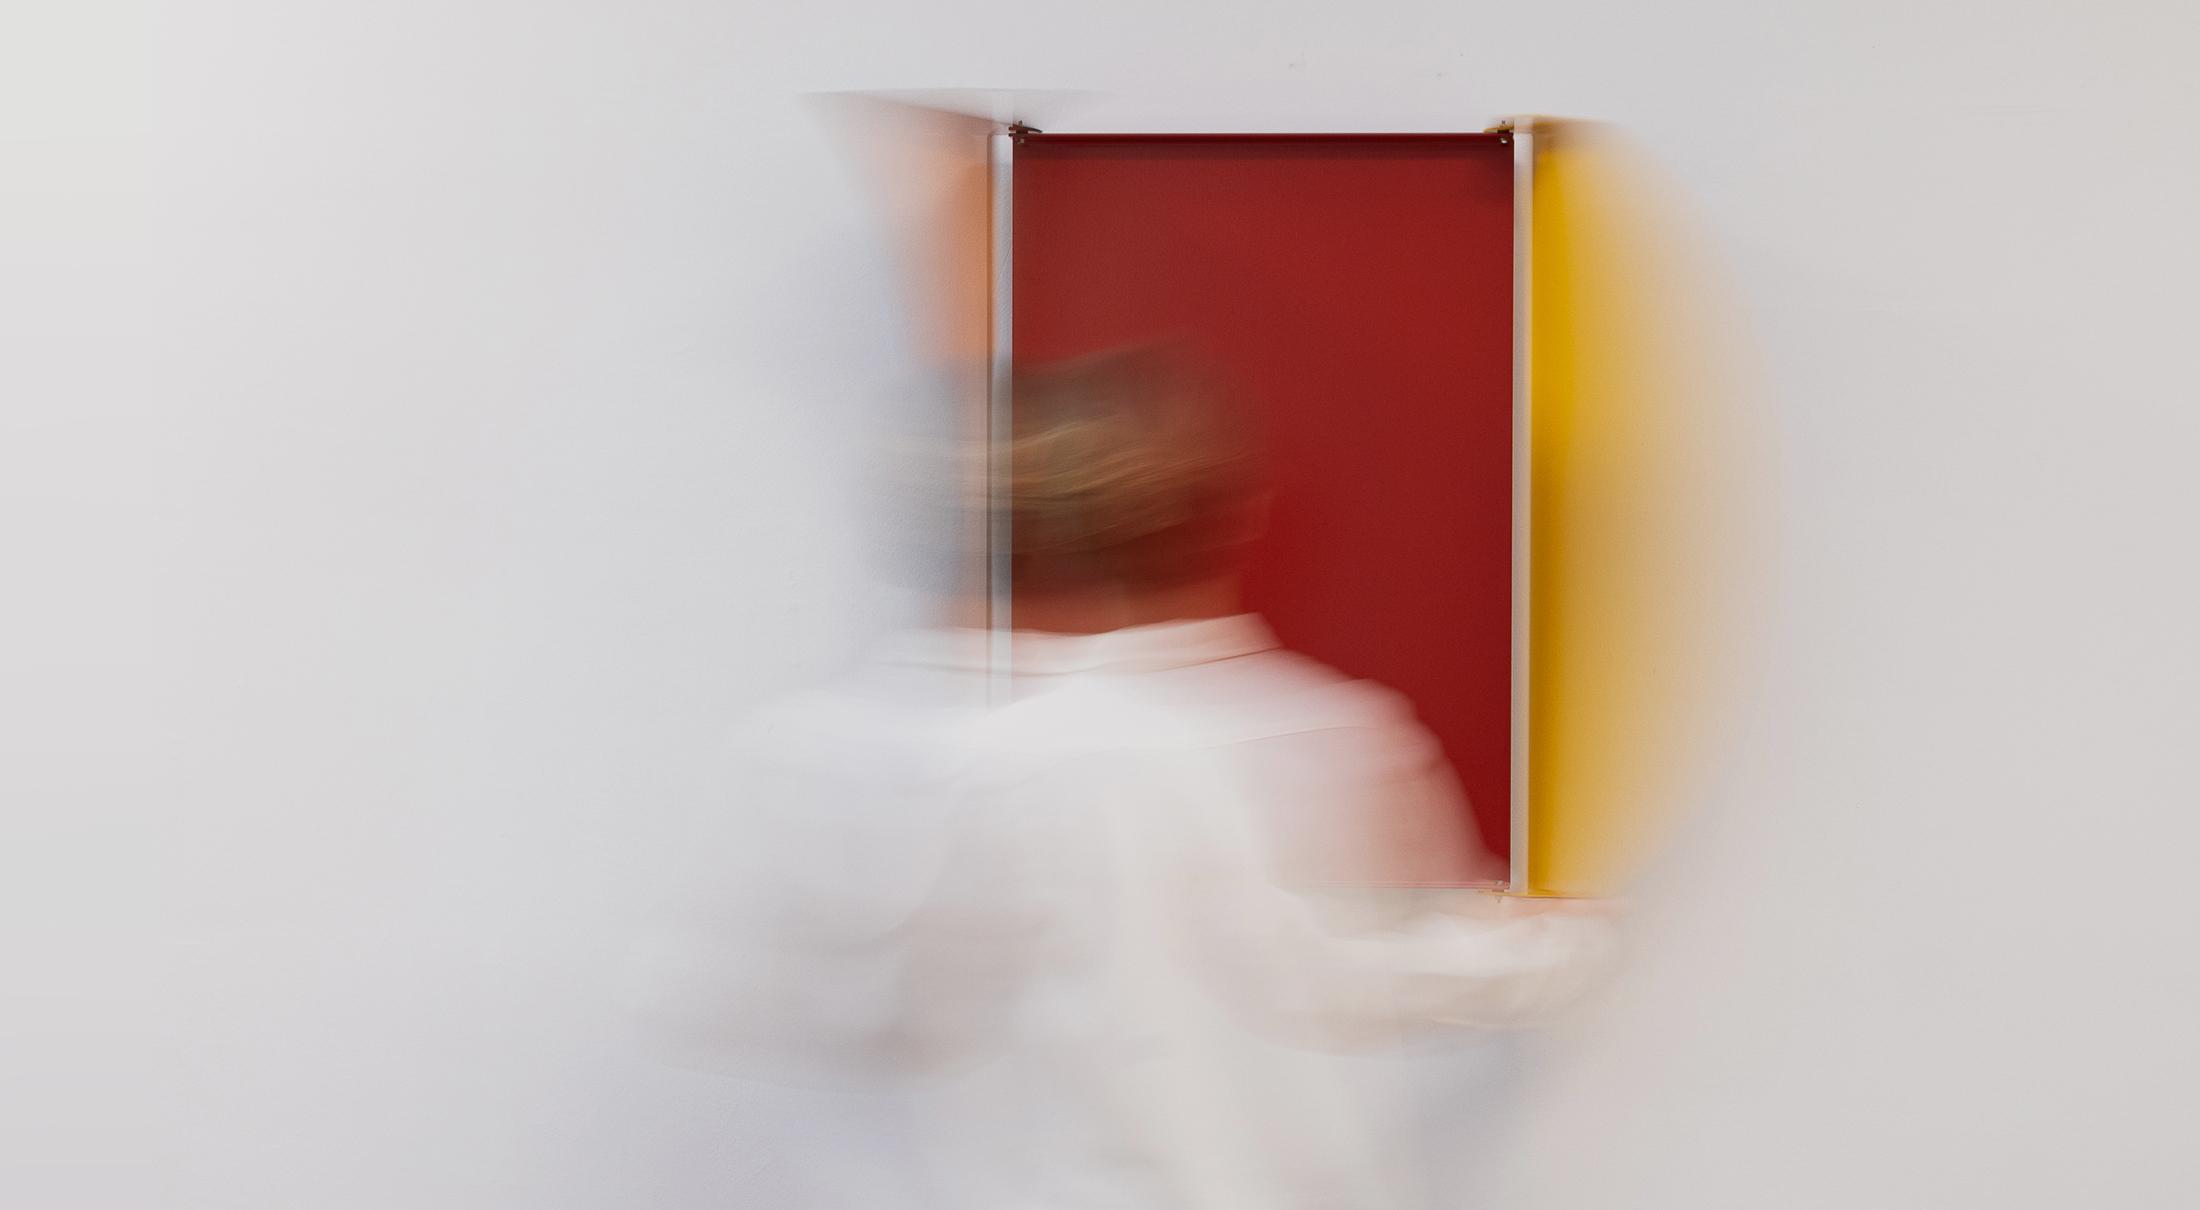 LOU VAN ´T RIET | Minimalist Landscapes Exposition > 27 février – 29 mai 2021 – NL-2